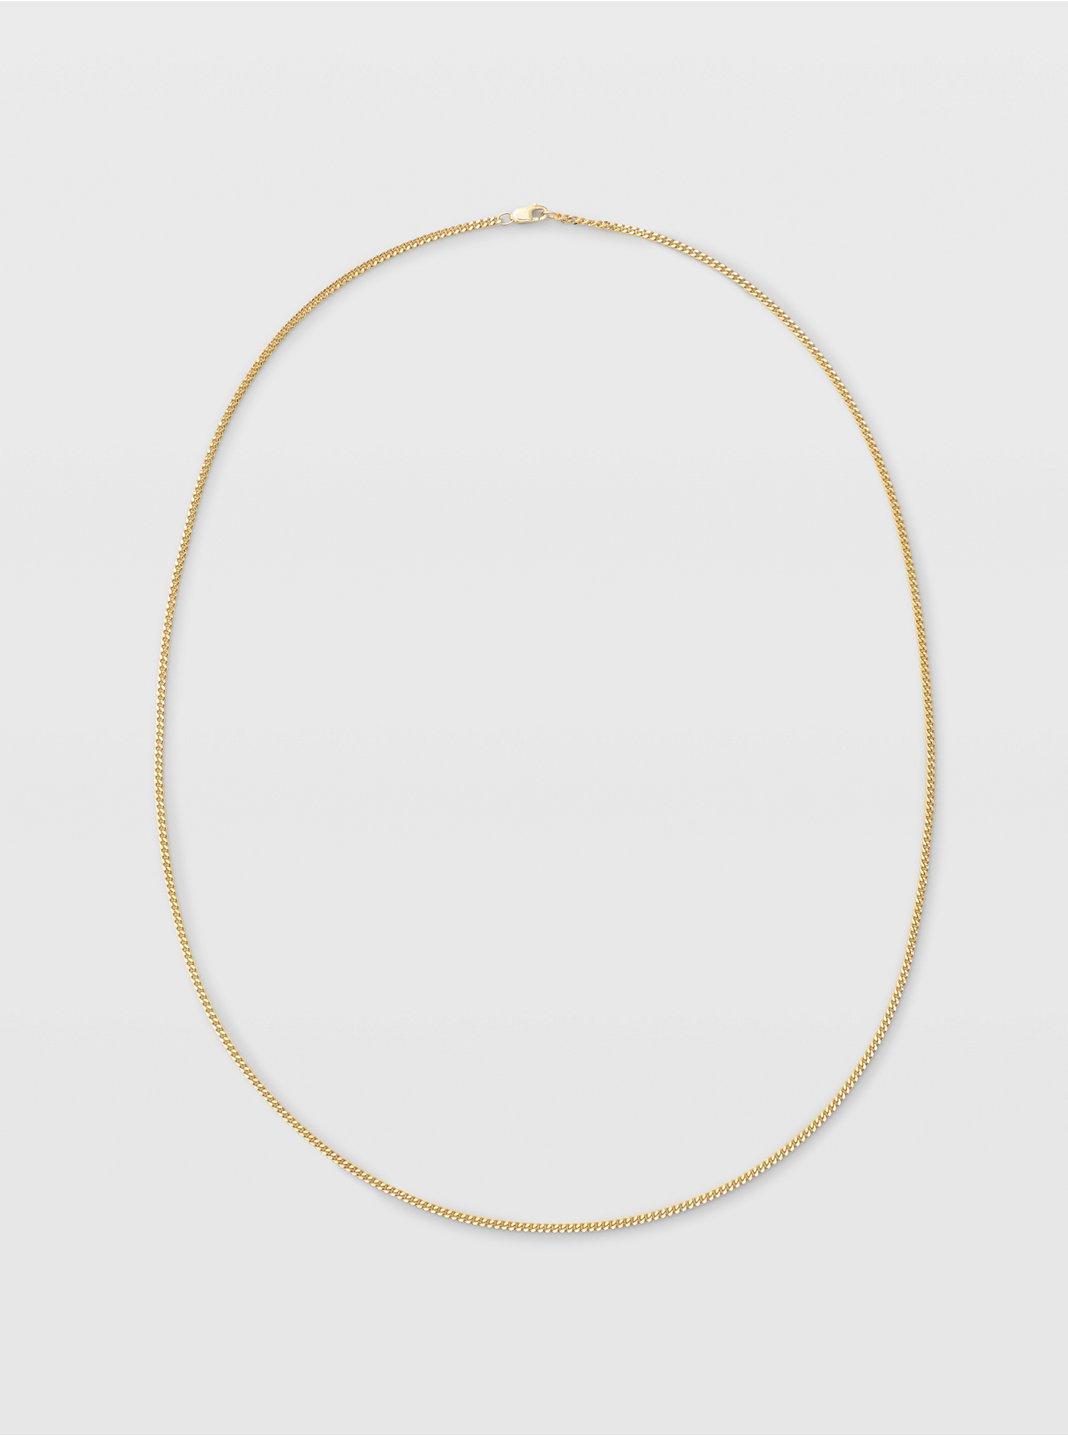 Miansai Chain Necklace